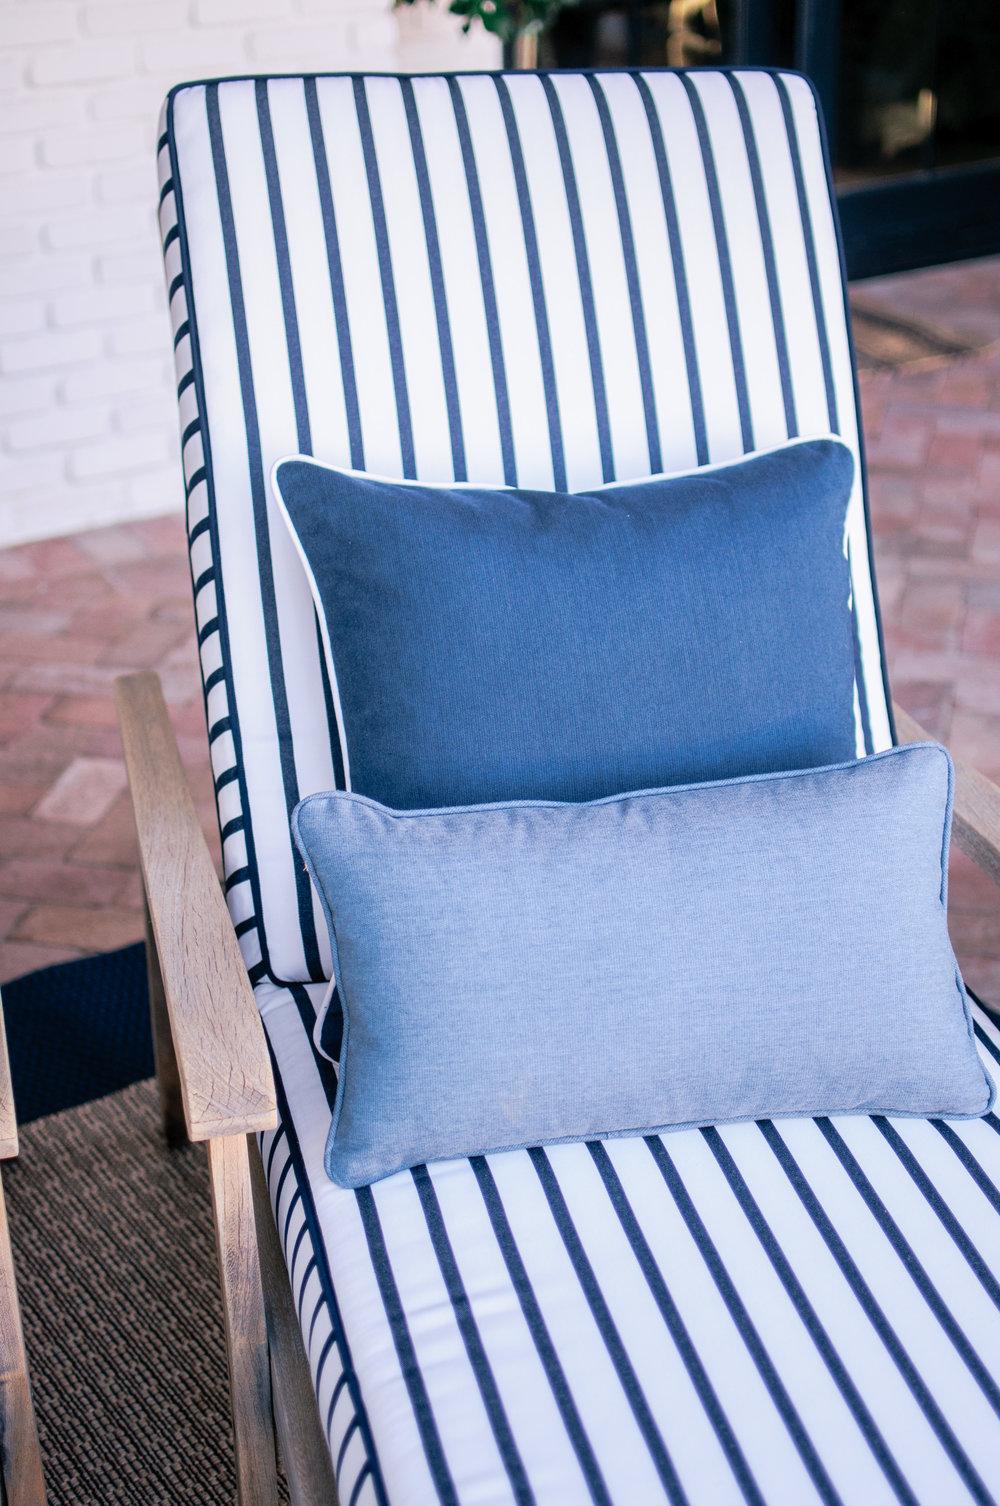 Calico Sunbrella Stripe Fabric Lido in Indigo